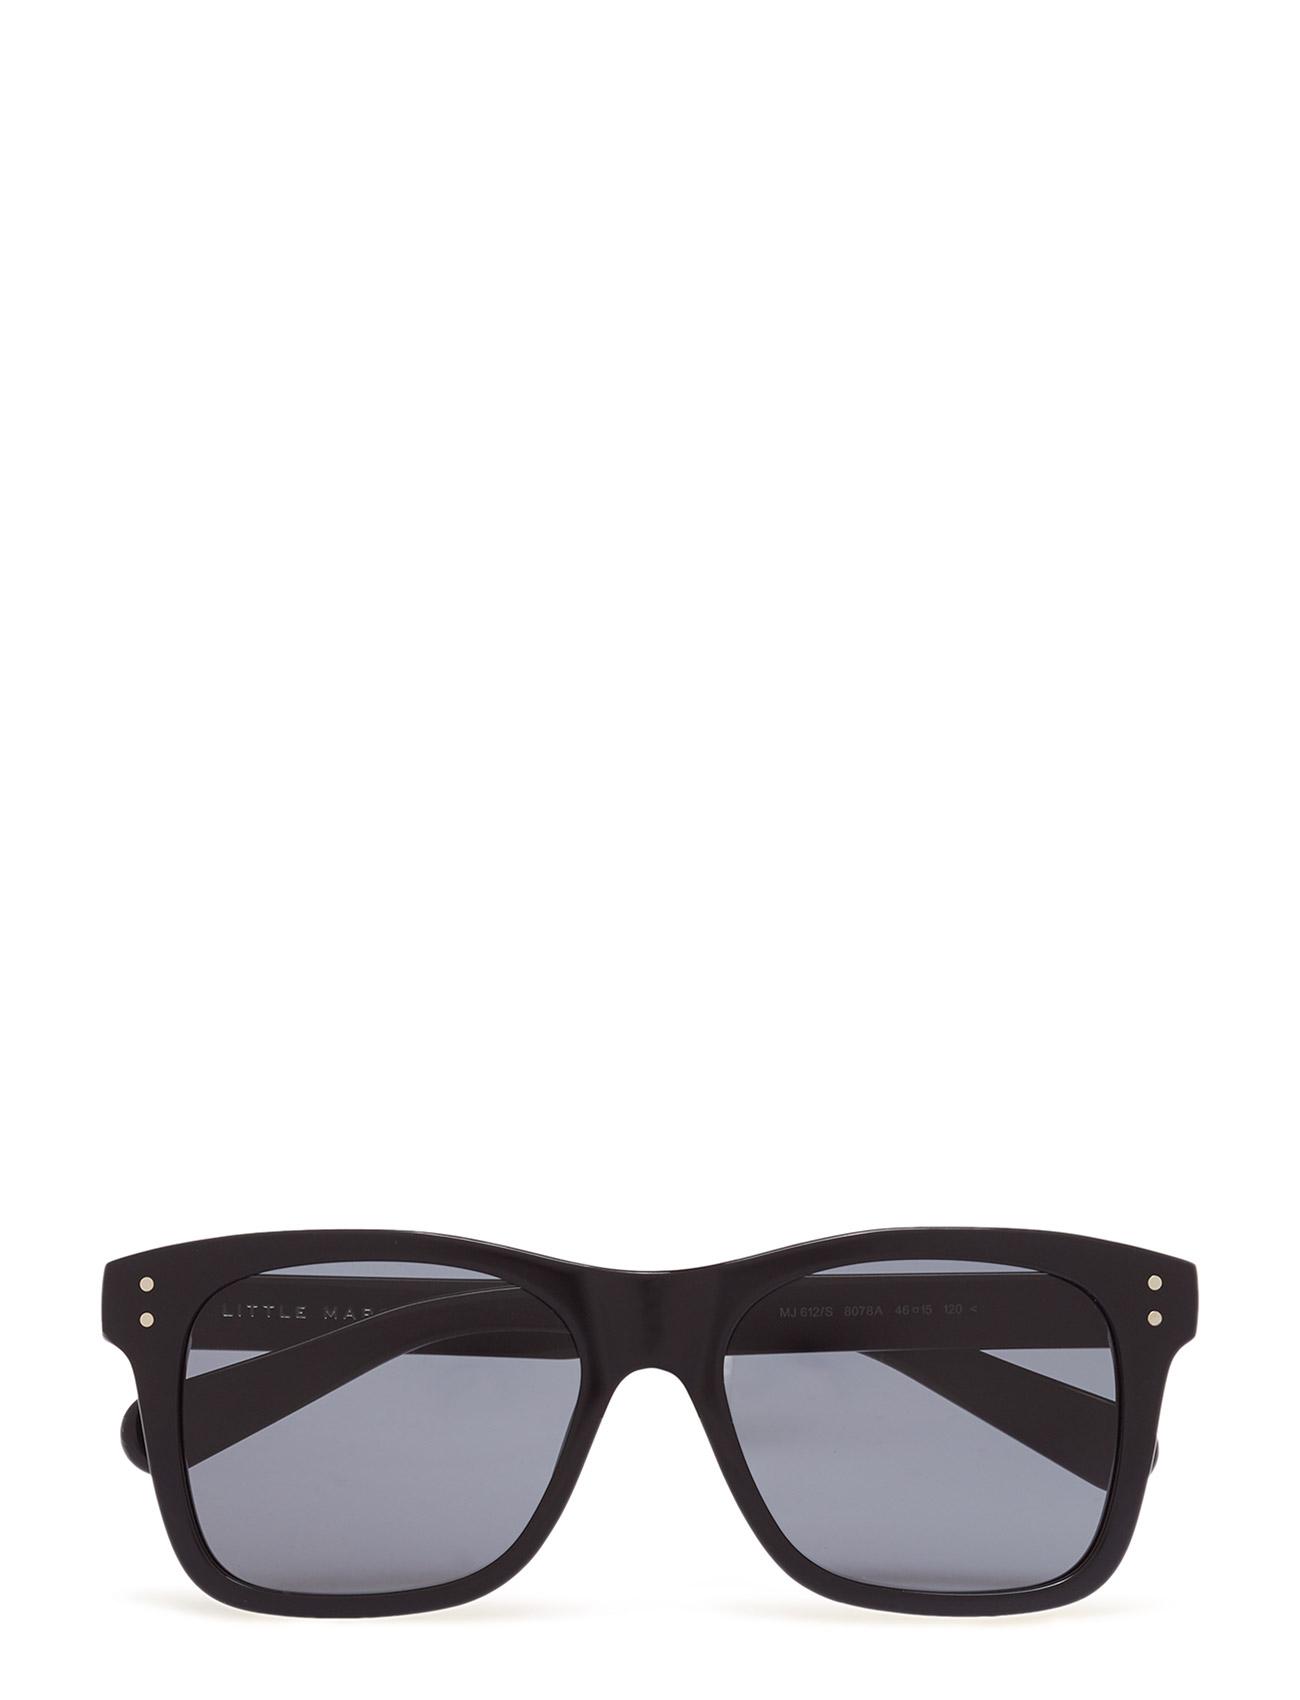 Mj 612/S Little Marc Jacobs Sunglasses Solbriller til Børn i Sort